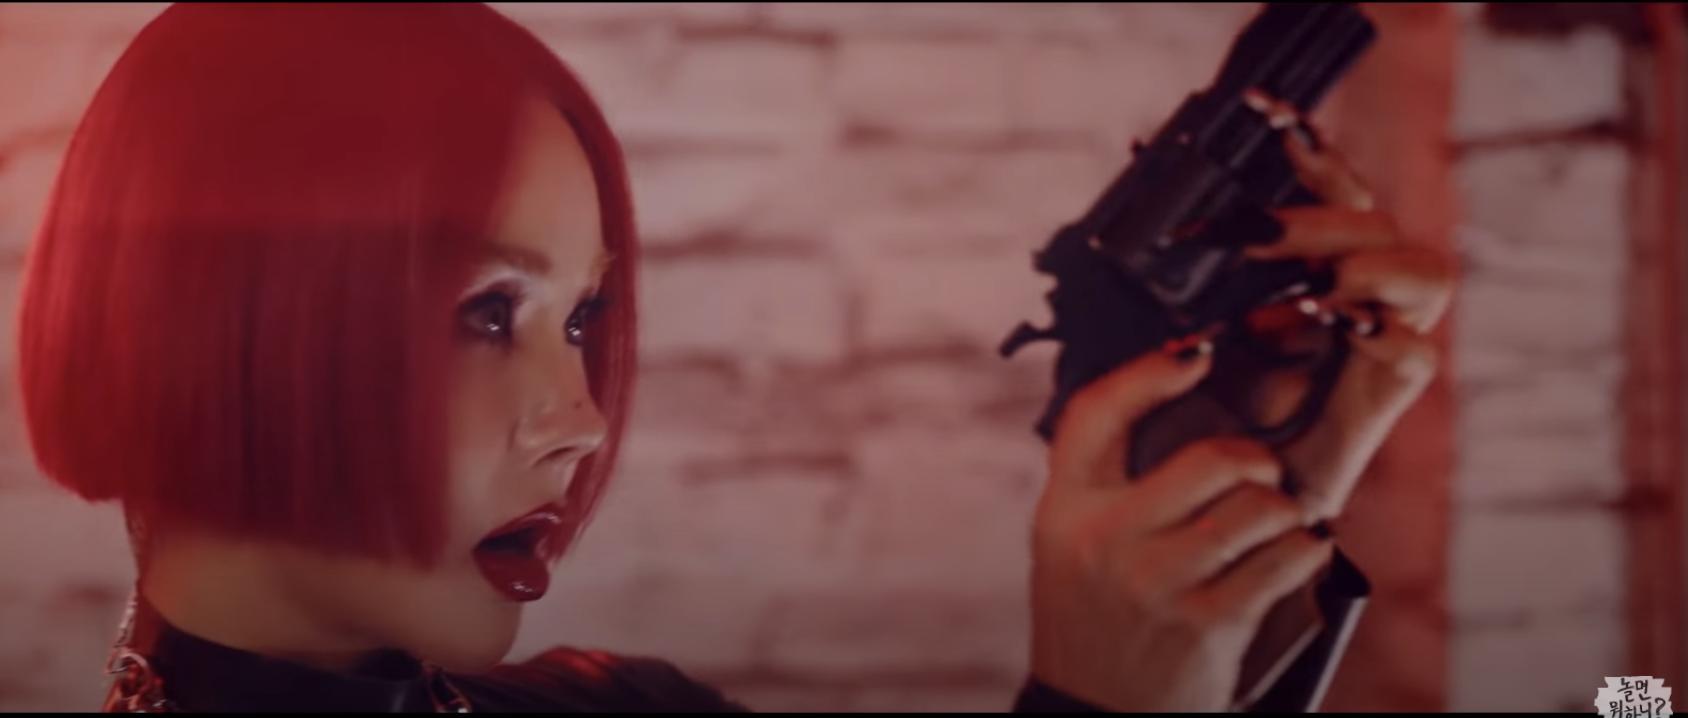 'Chất chơi' nhóm nhạc mới của Lee Hyori - Hwasa, quảng bá xong xuôi, phá đảo mọi BXH mới tung MV 3